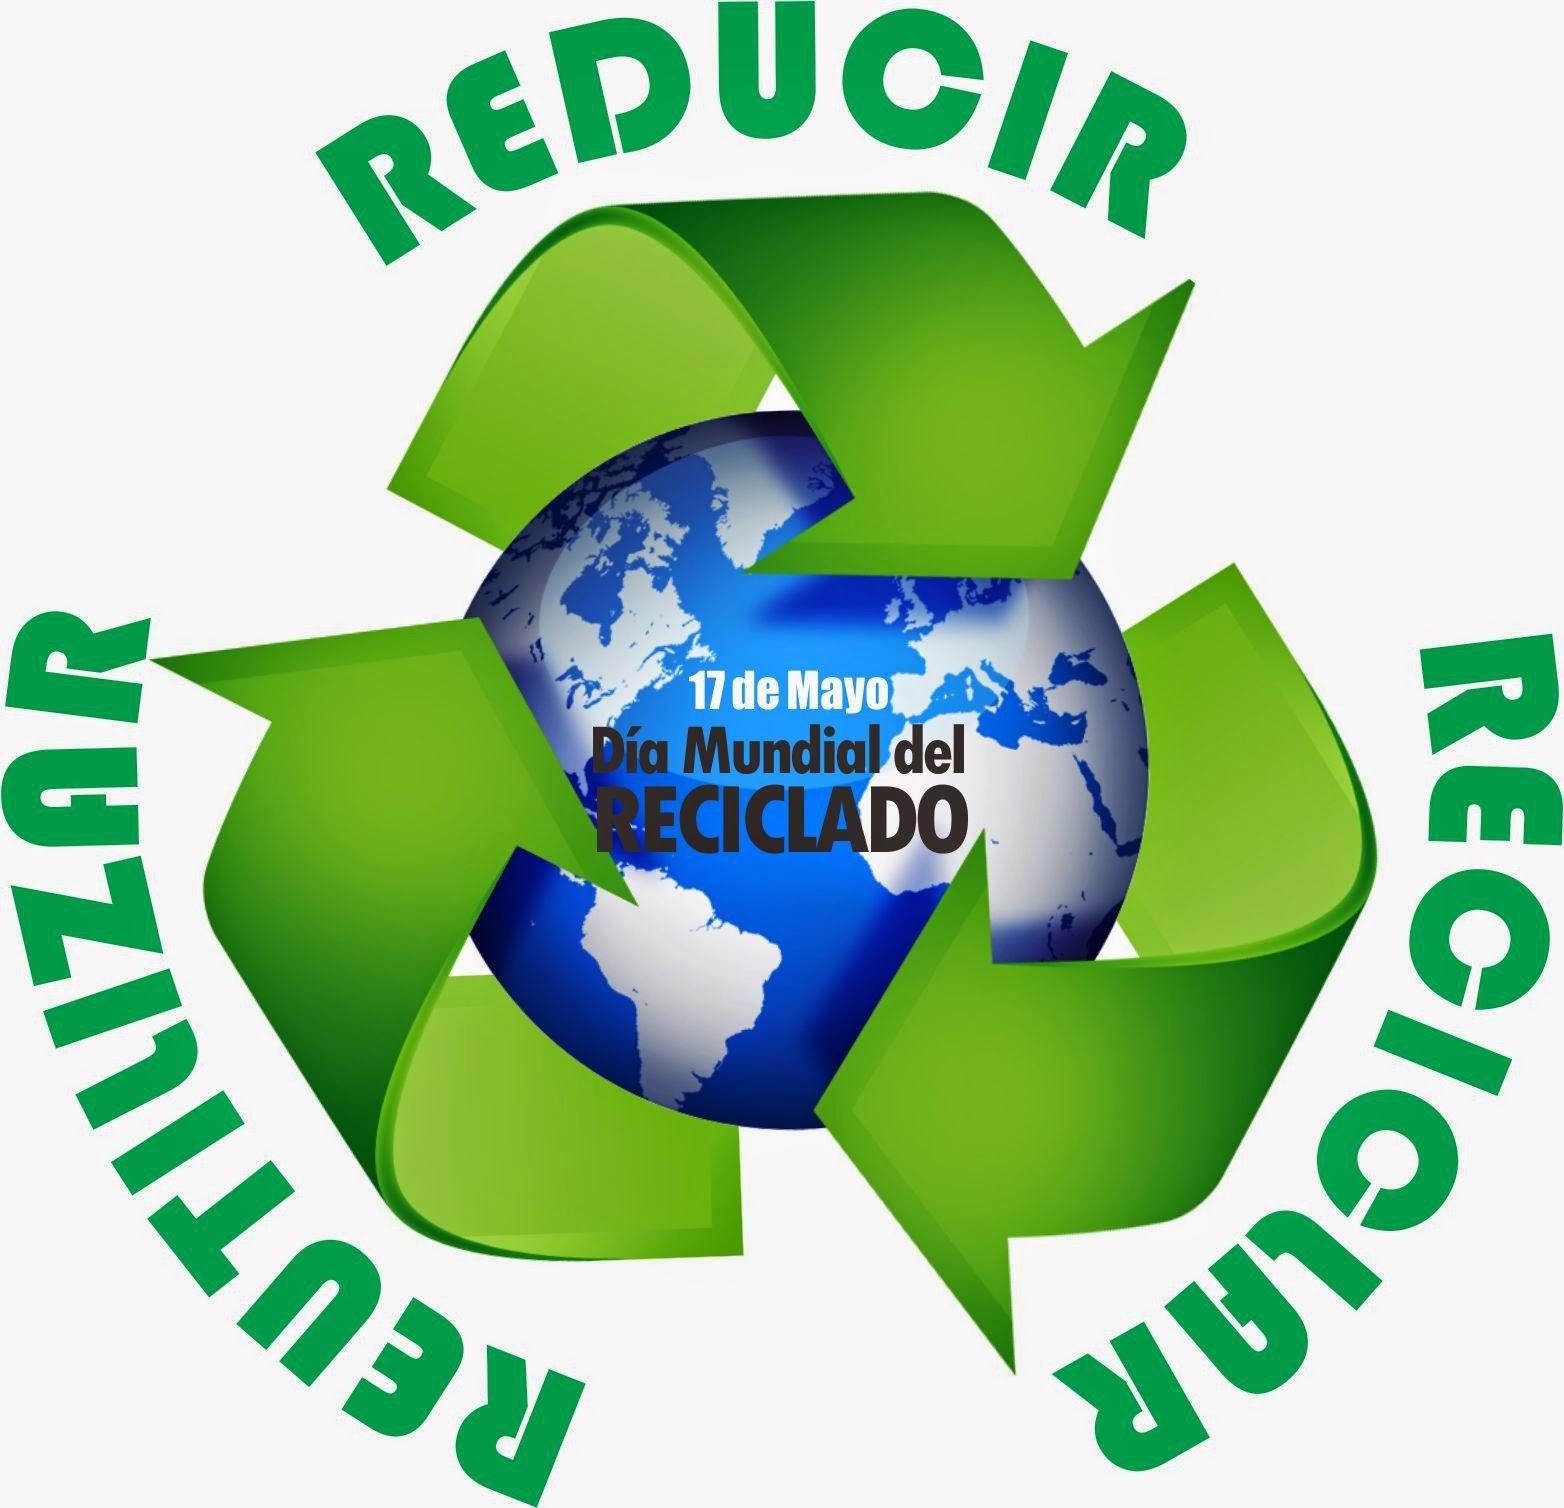 Resultado de imagen de día mundial del reciclaje fotos